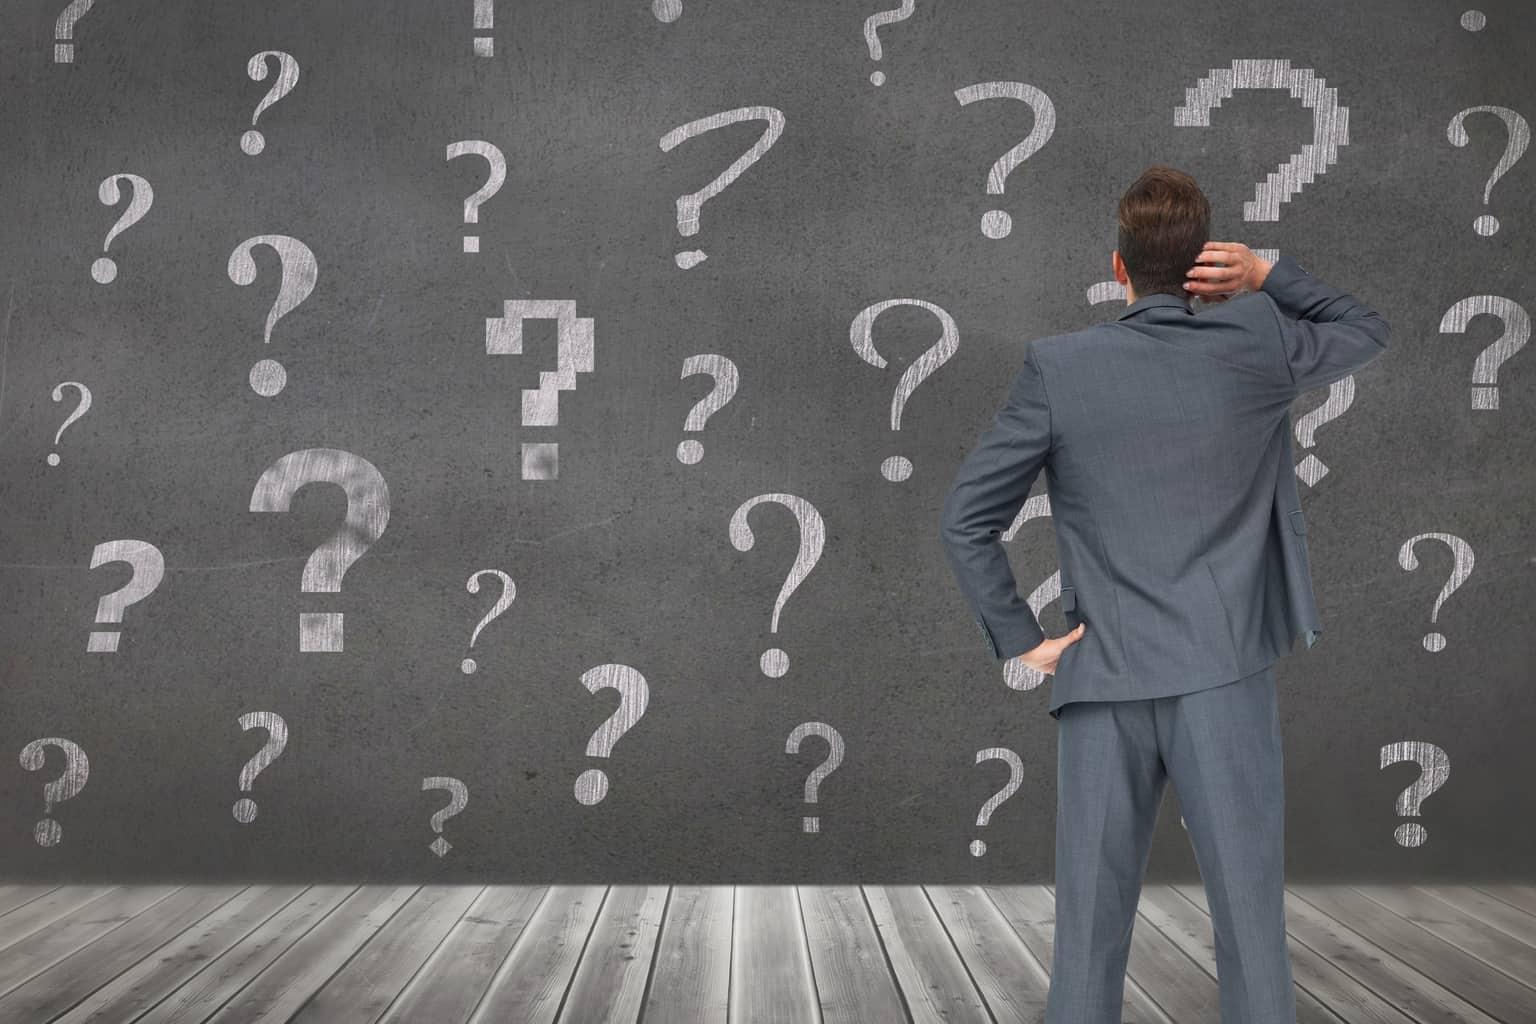 【Q&A】パソナキャリアのよくある疑問を解決